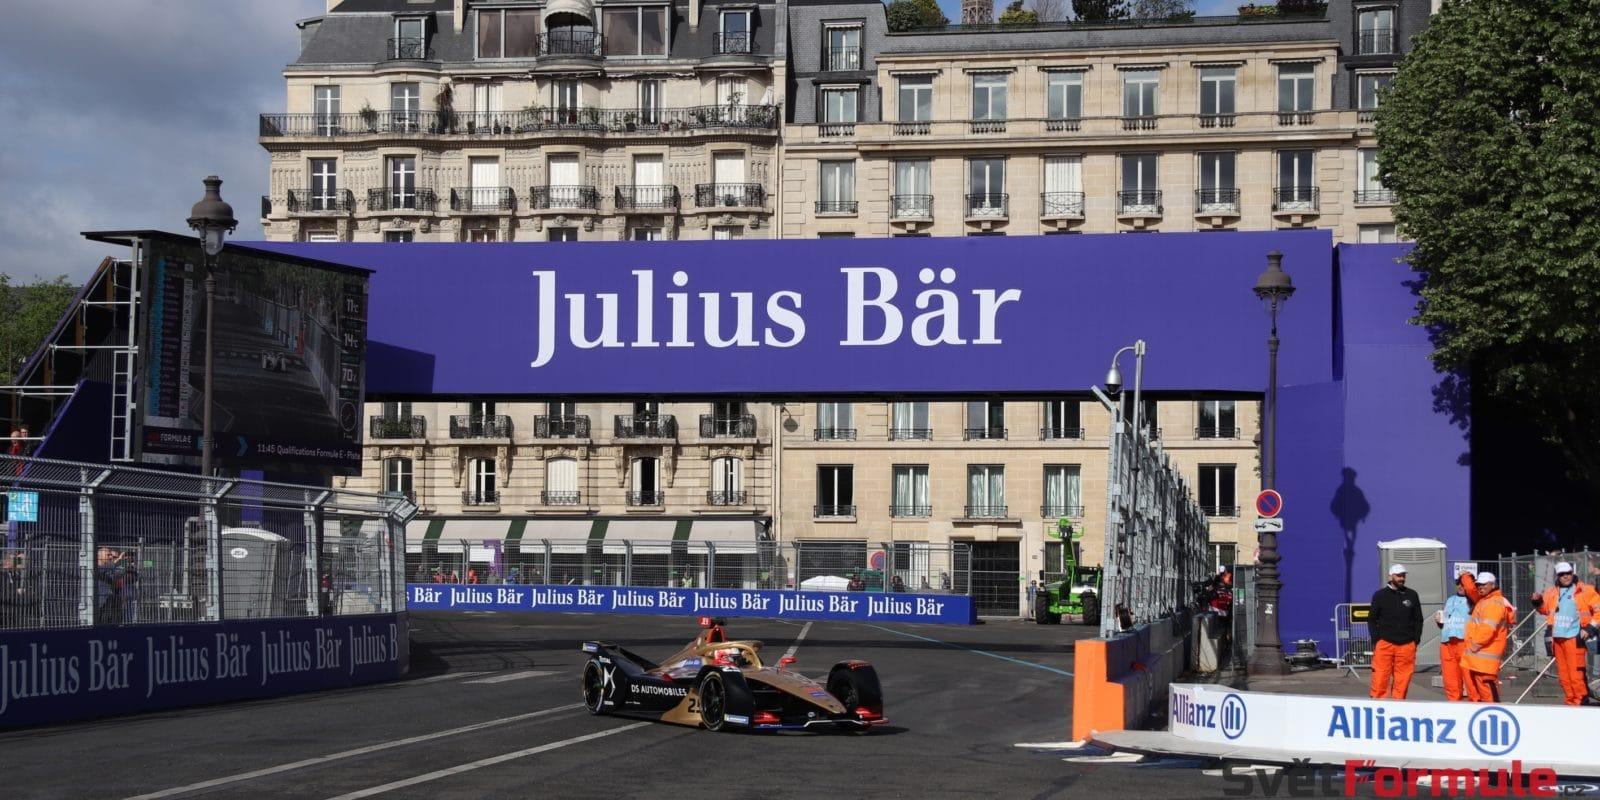 Budapešť bude možná brzy hostit Formuli E